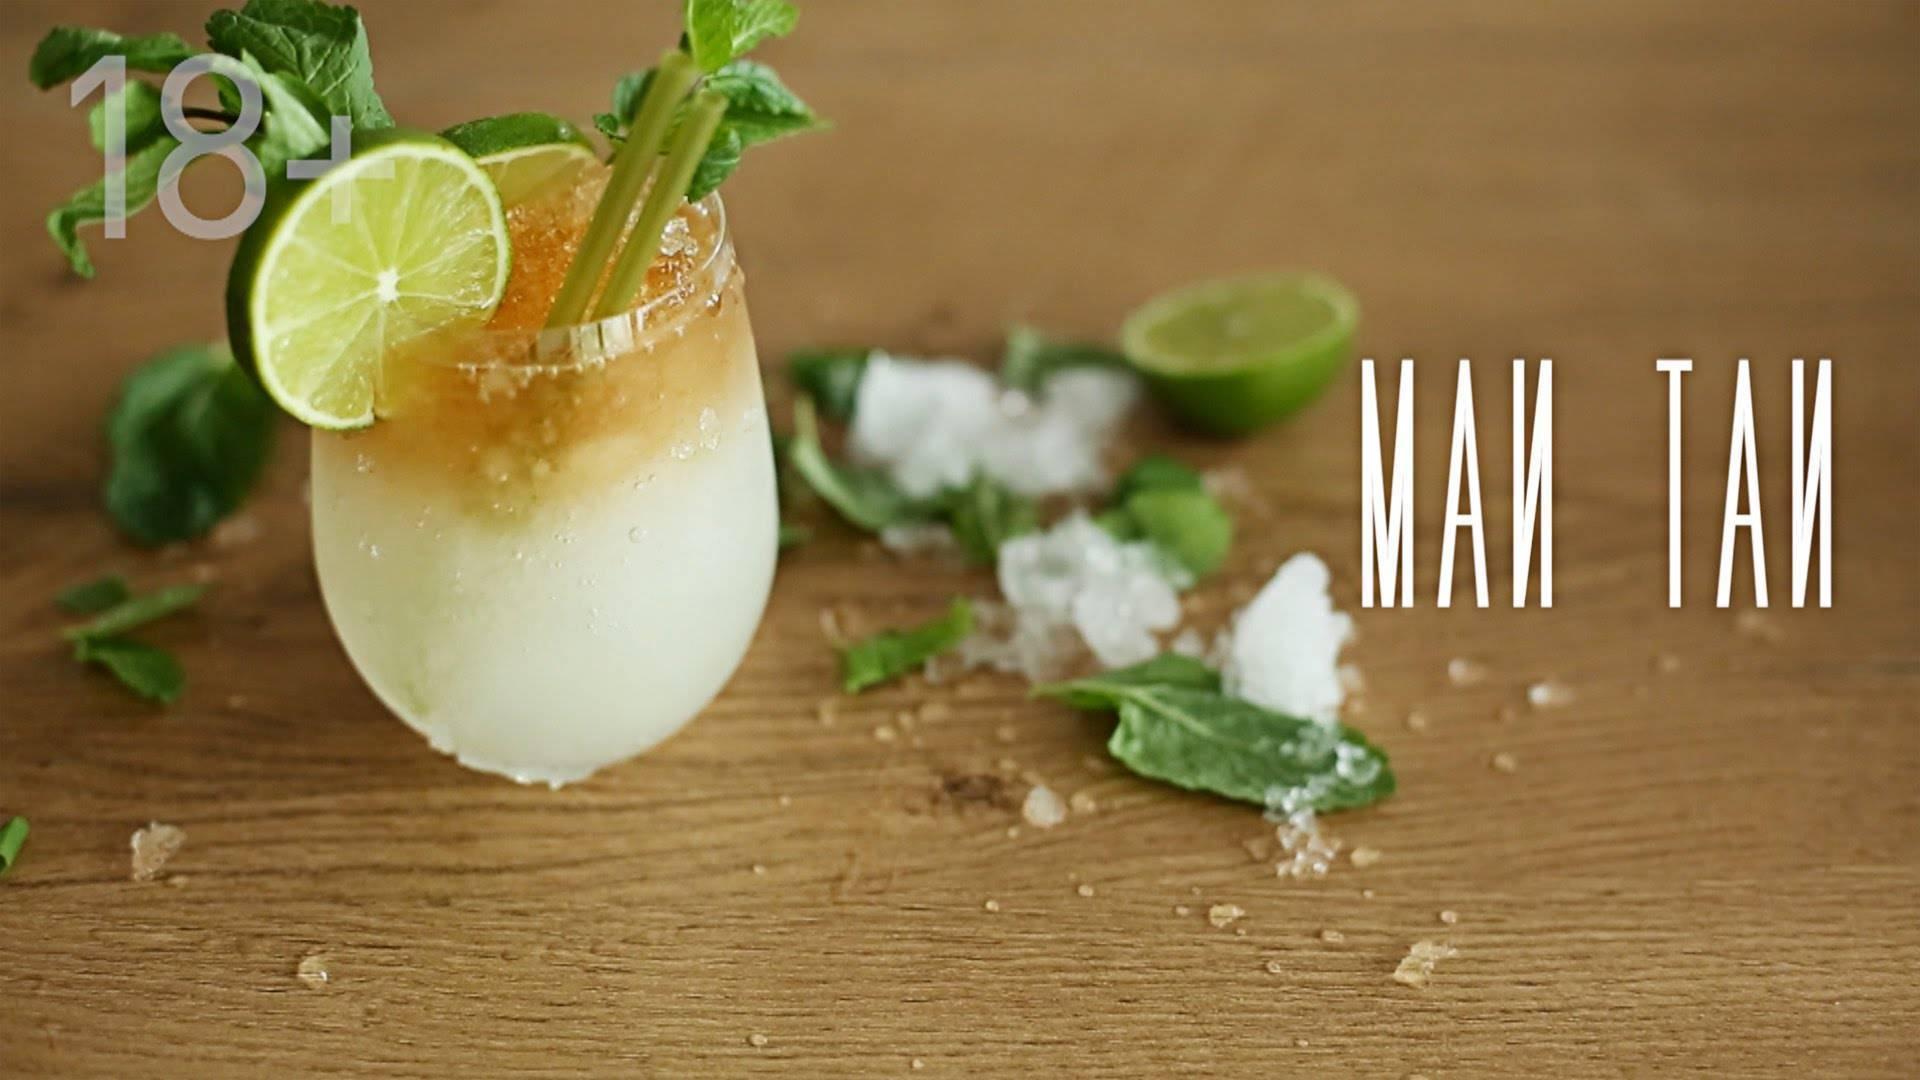 Май тай коктейль. рецепт классический, история, состав алкогольный, как в таиланде с апельсиновым, ананасовым соком, гренадином. фото